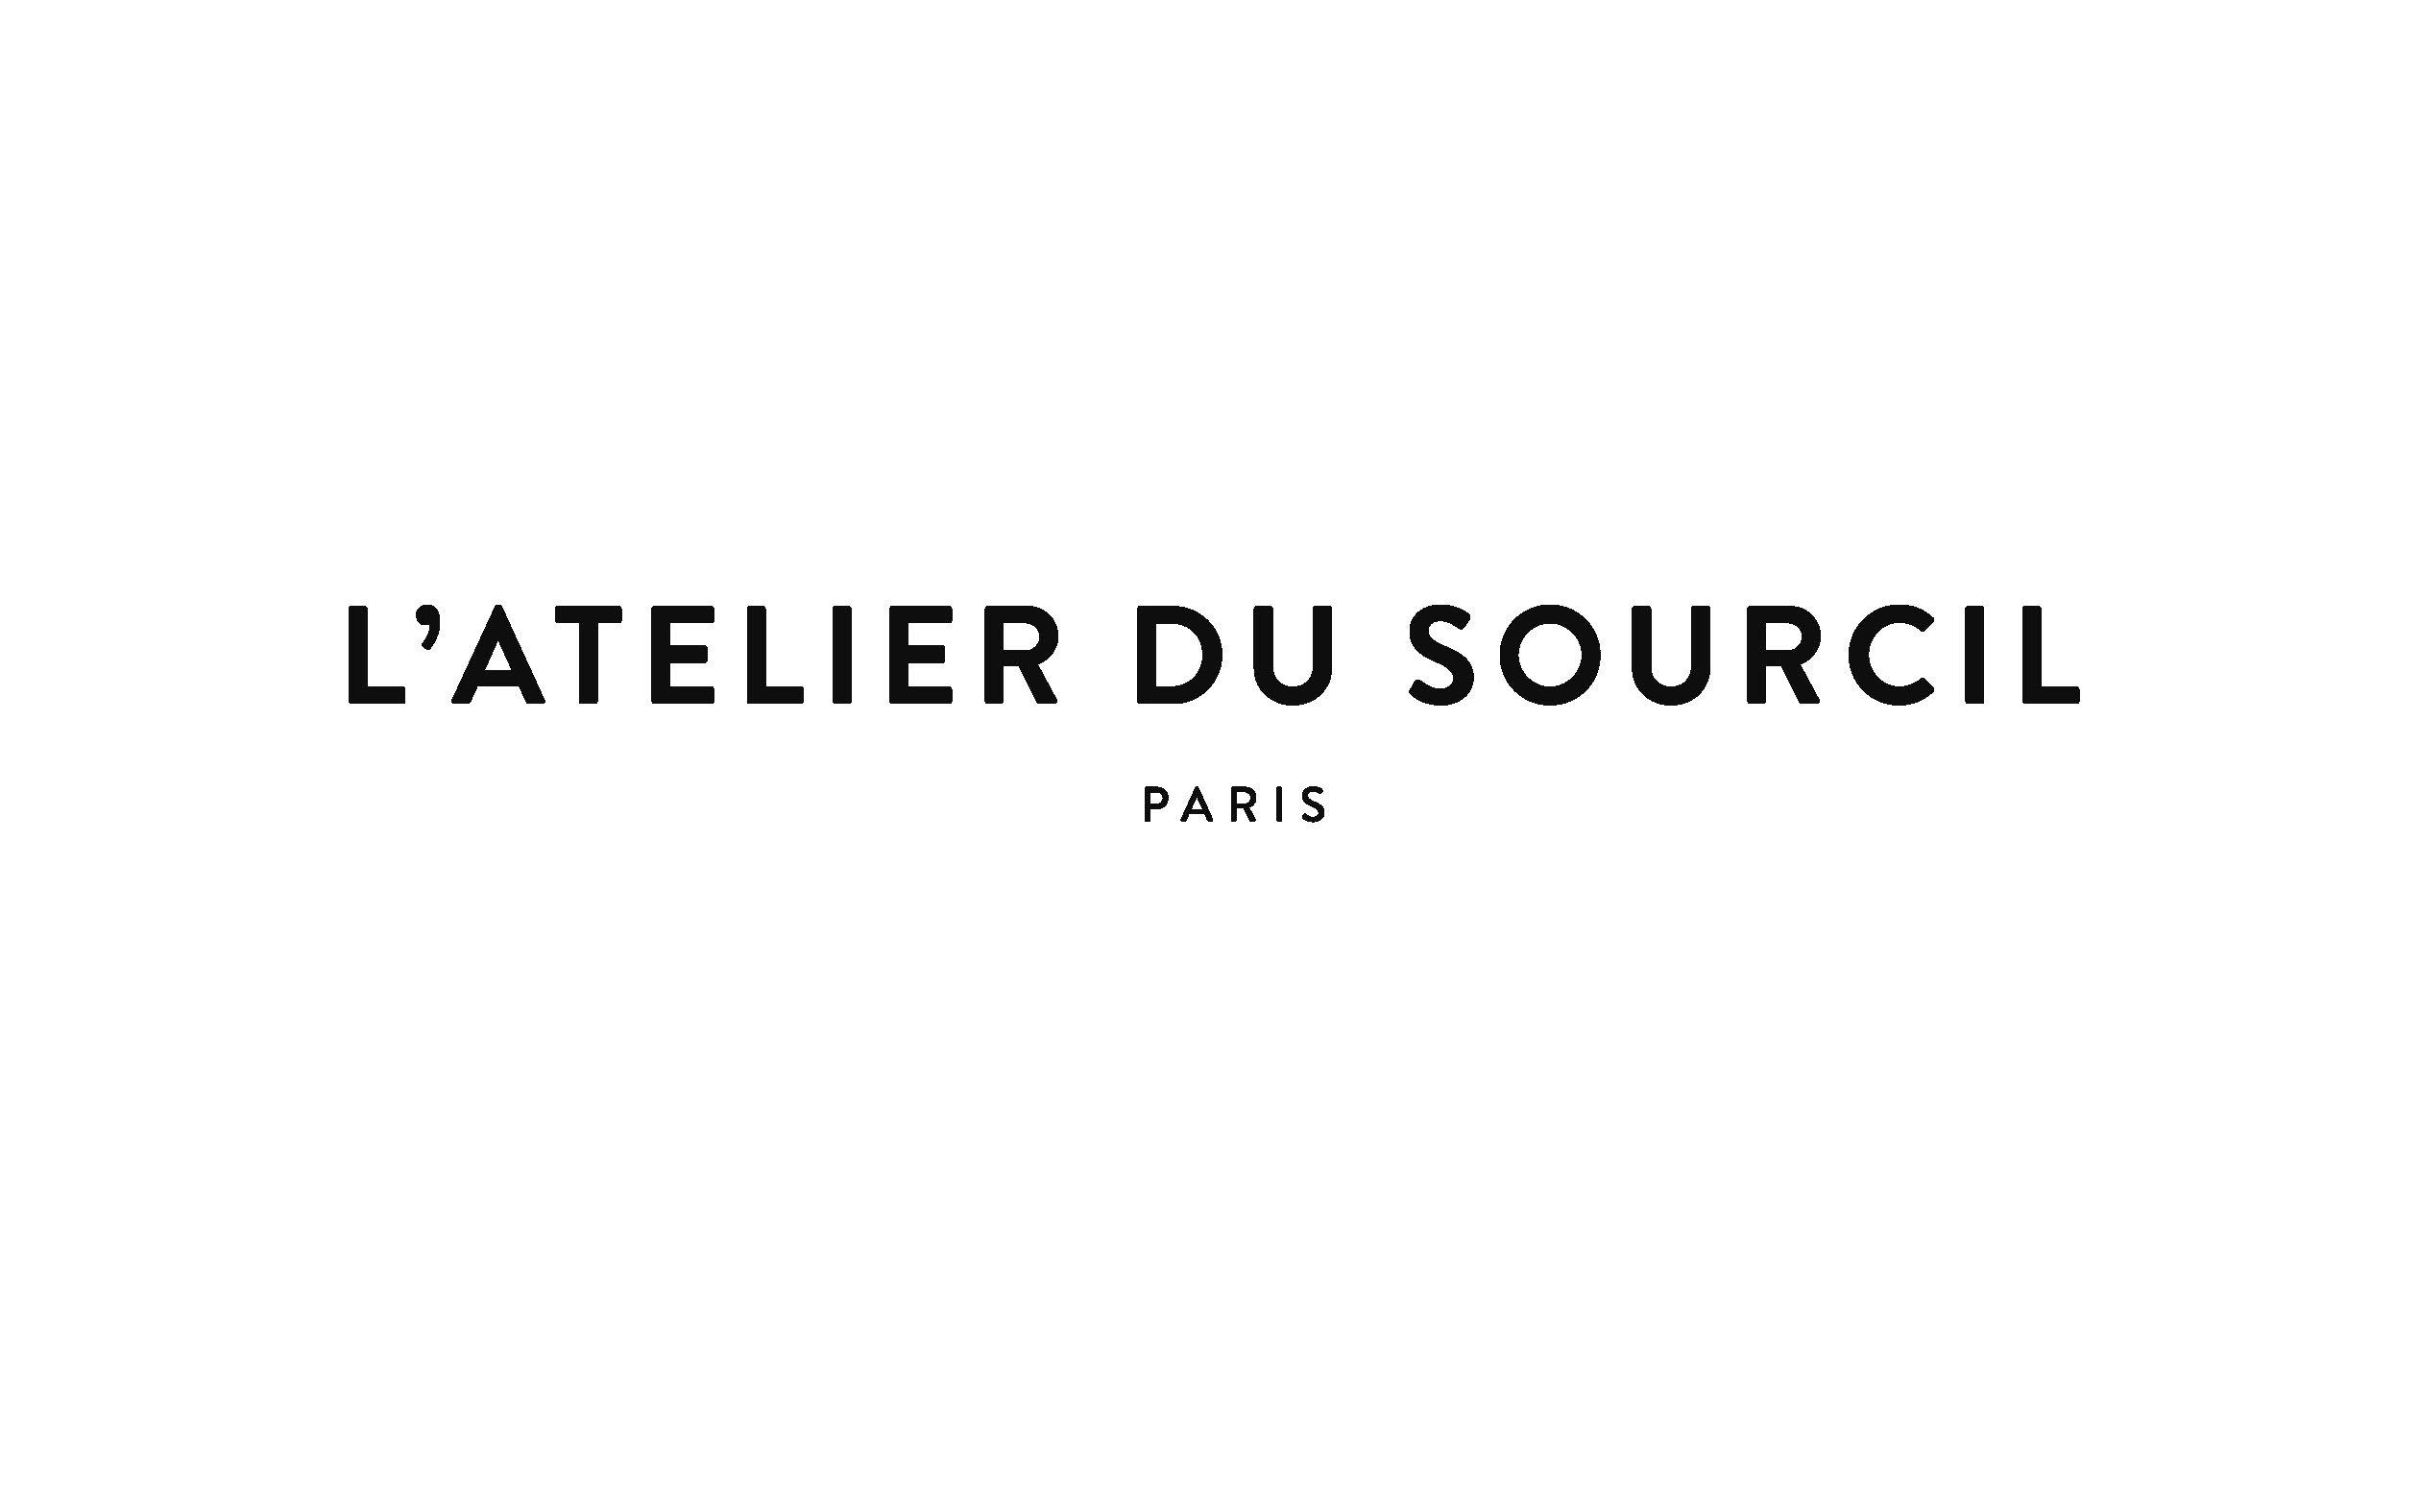 L'Atelier du Sourcil - Luxembourg